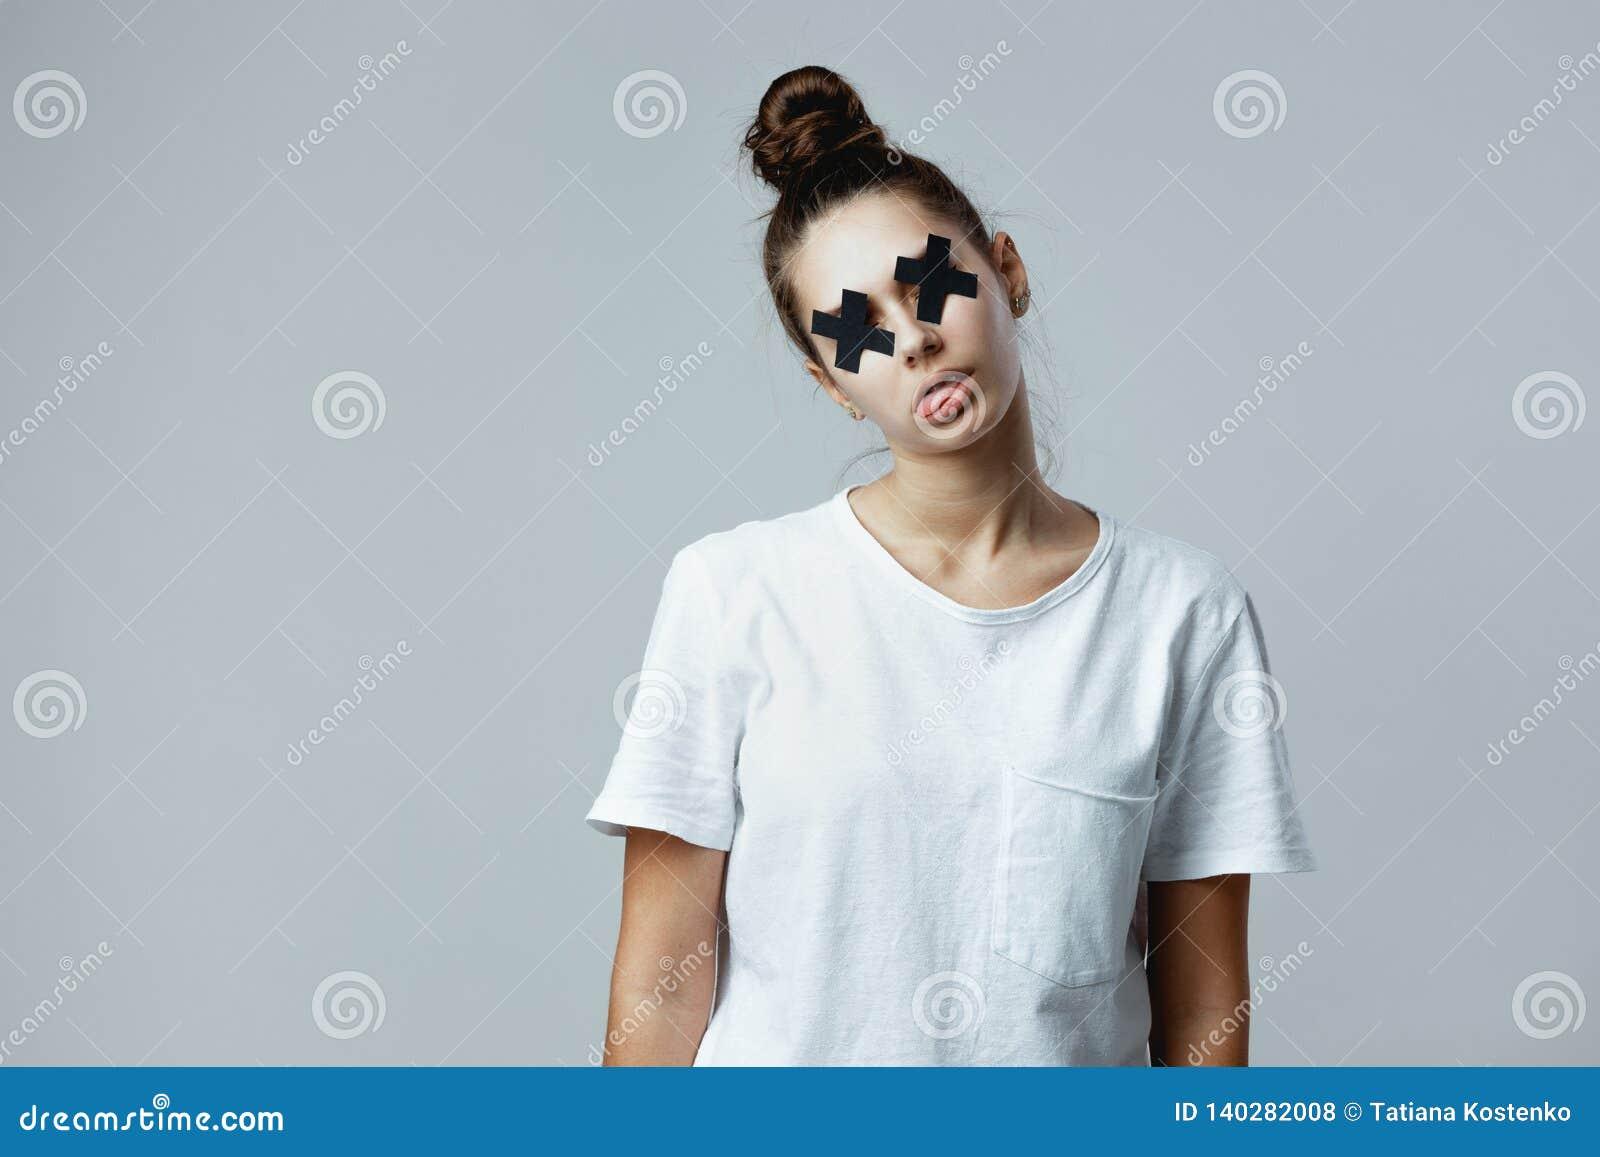 Dziewczyna ubierająca w białej koszulce z czarnymi krzyżami adhezyjna taśma na oczach pozuje jak żywy trup na bielu